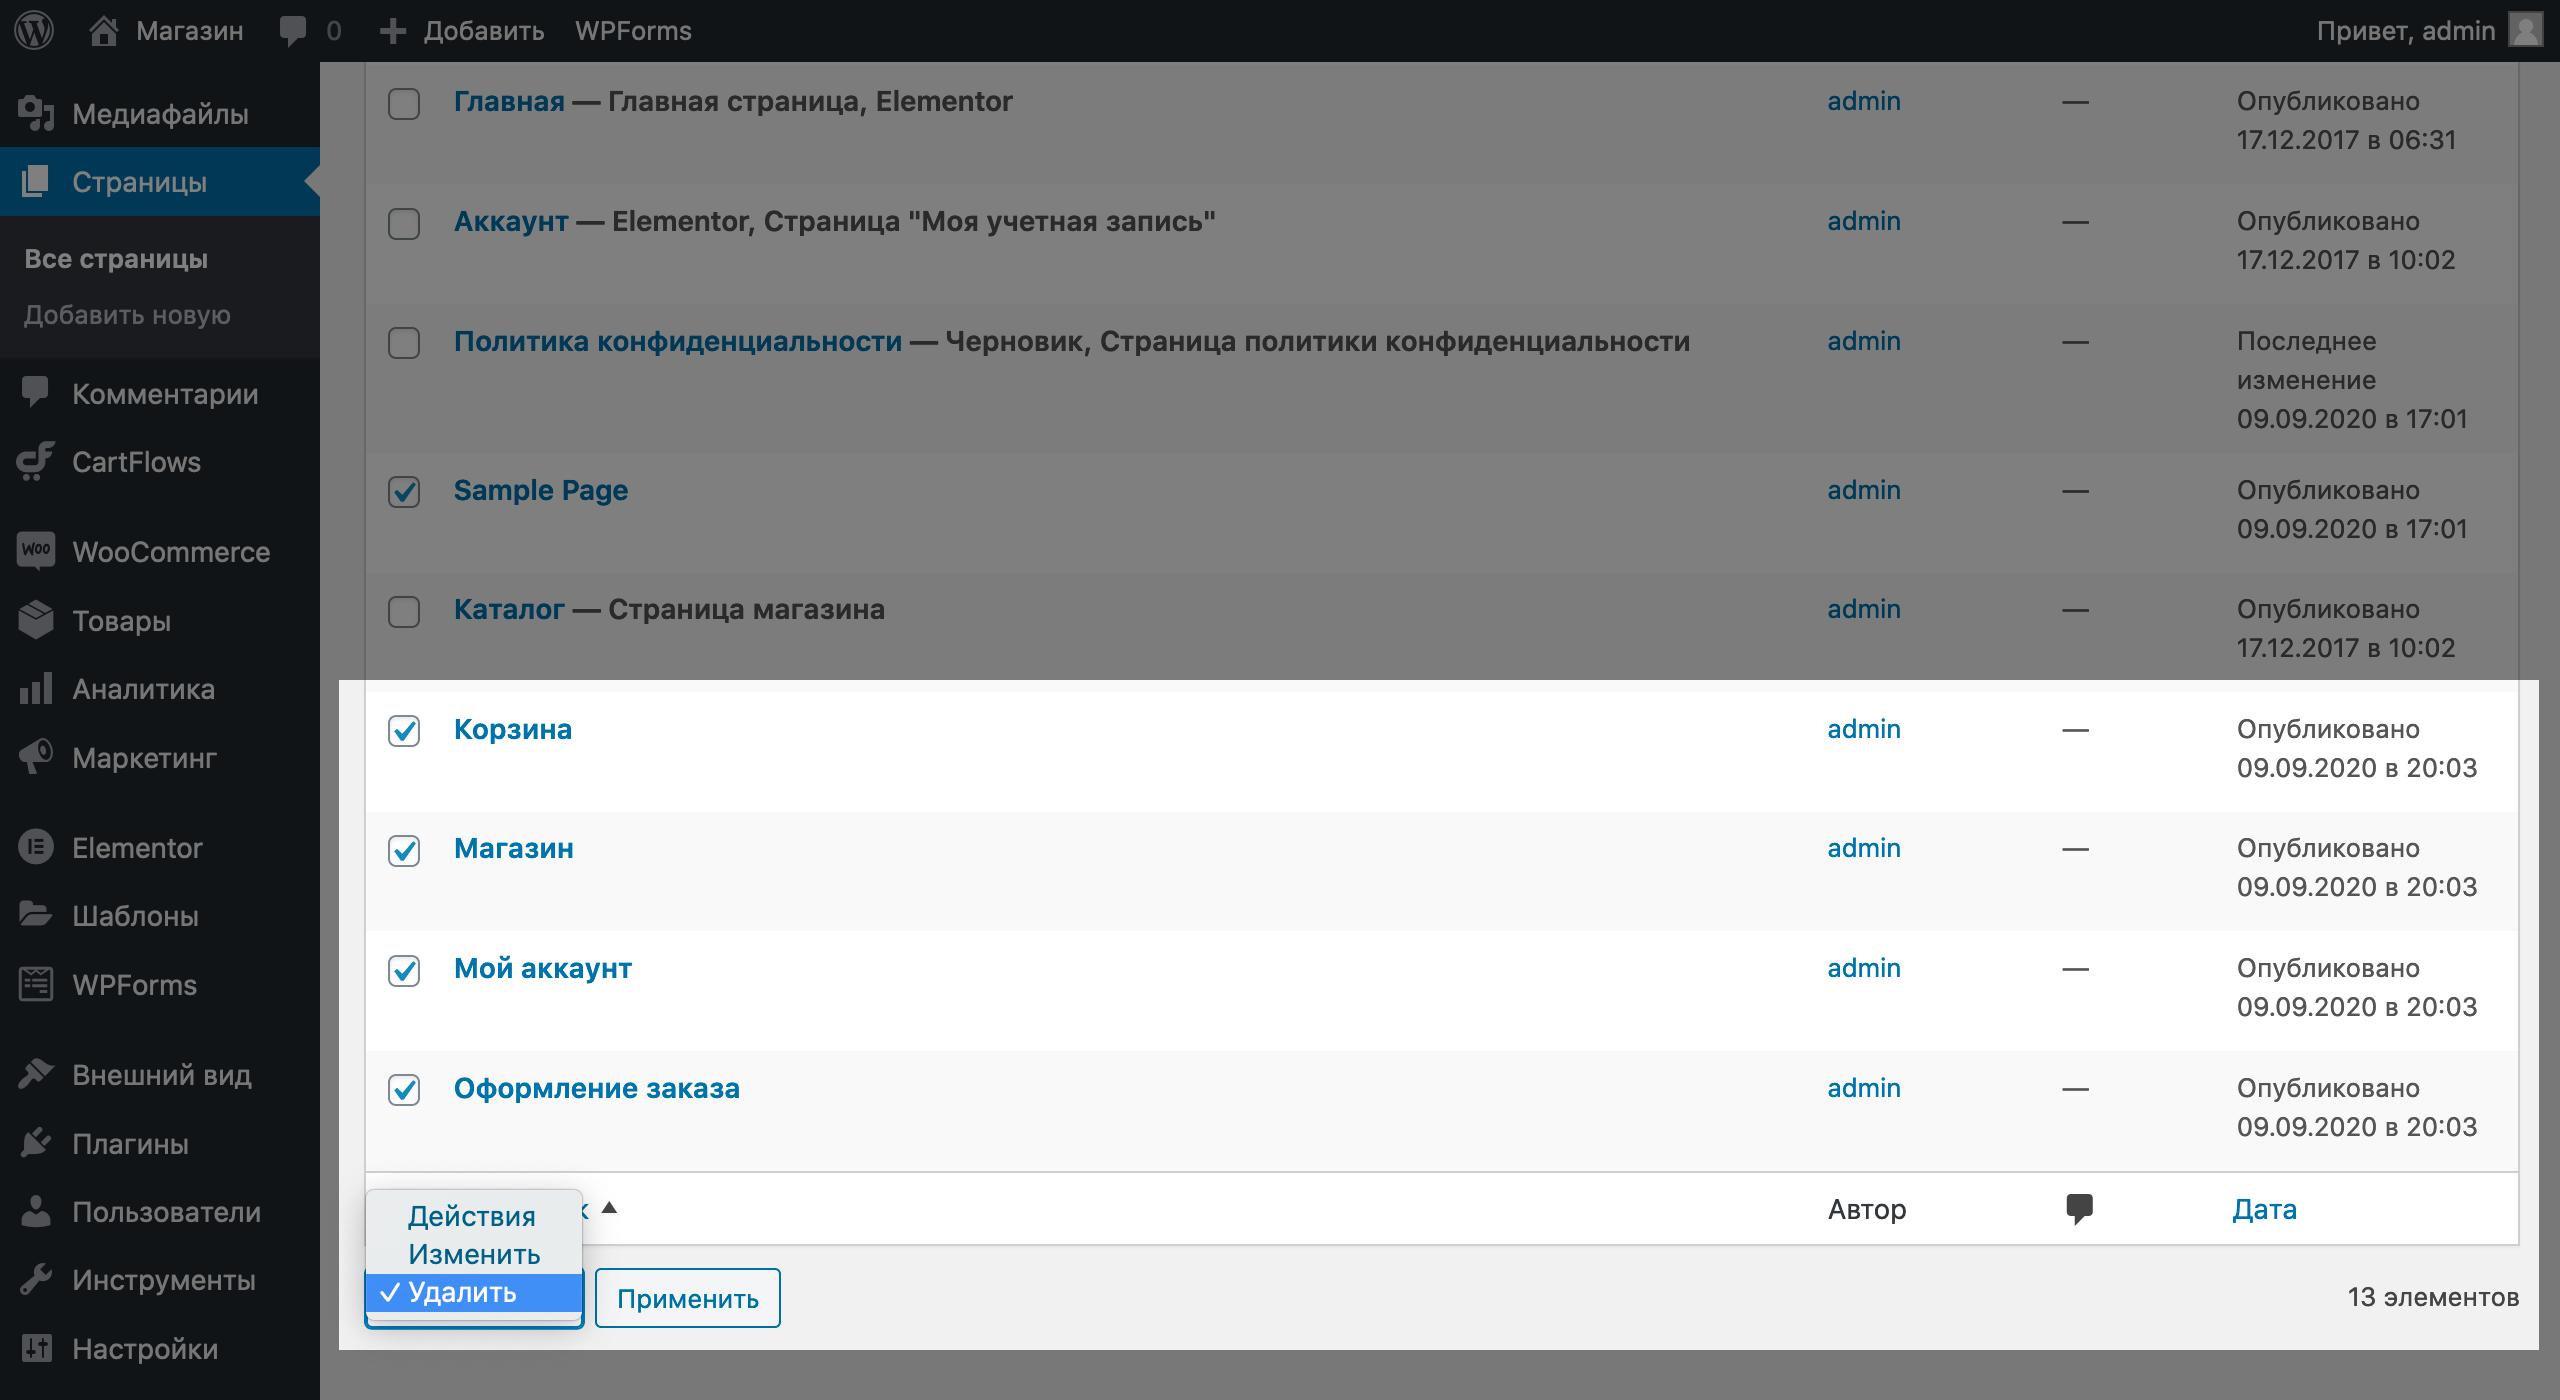 Интернет-магазин WordPress: переход к удалению нескольких страниц одновременно